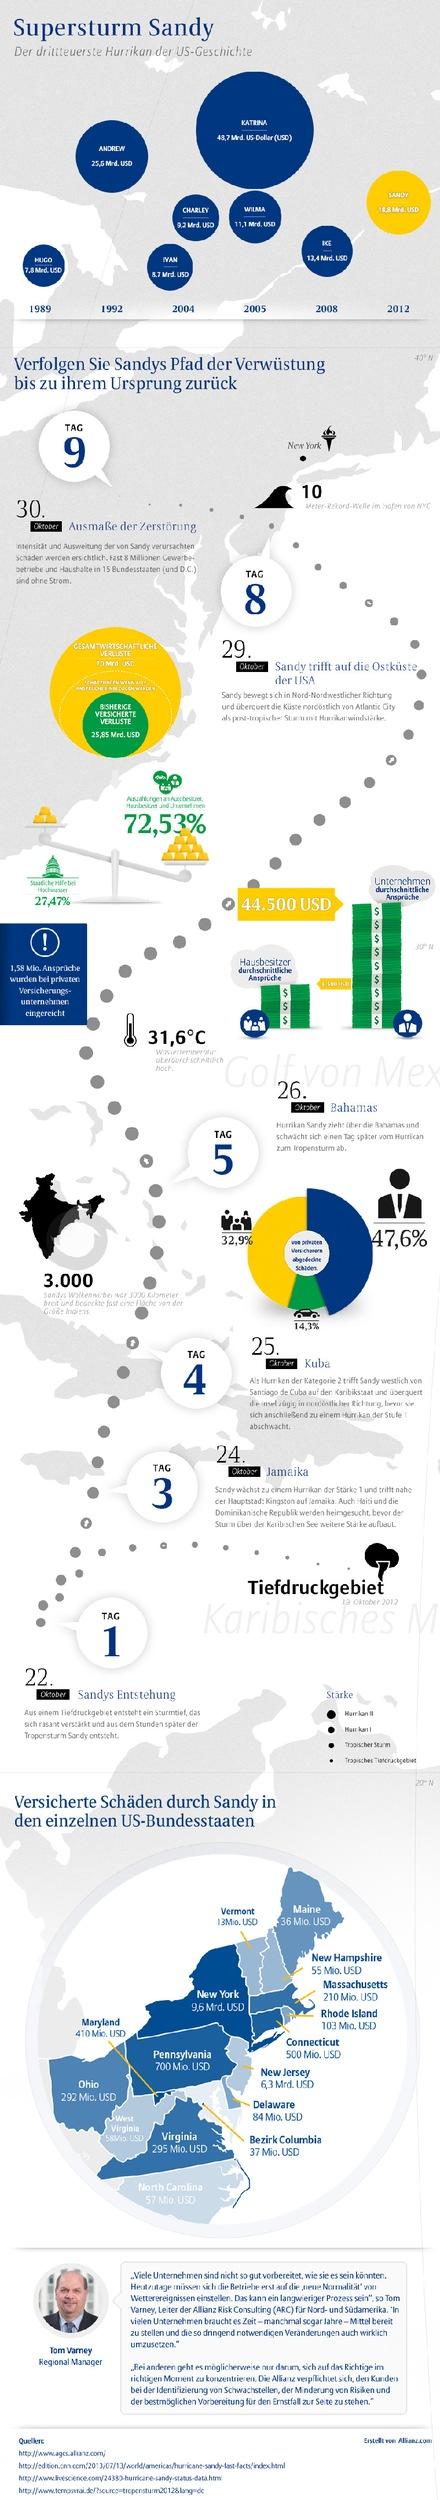 Hurrikan Sandy: Nach wie vor Handlungsbedarf bei US-Unternehmen (Bild/Dokument)